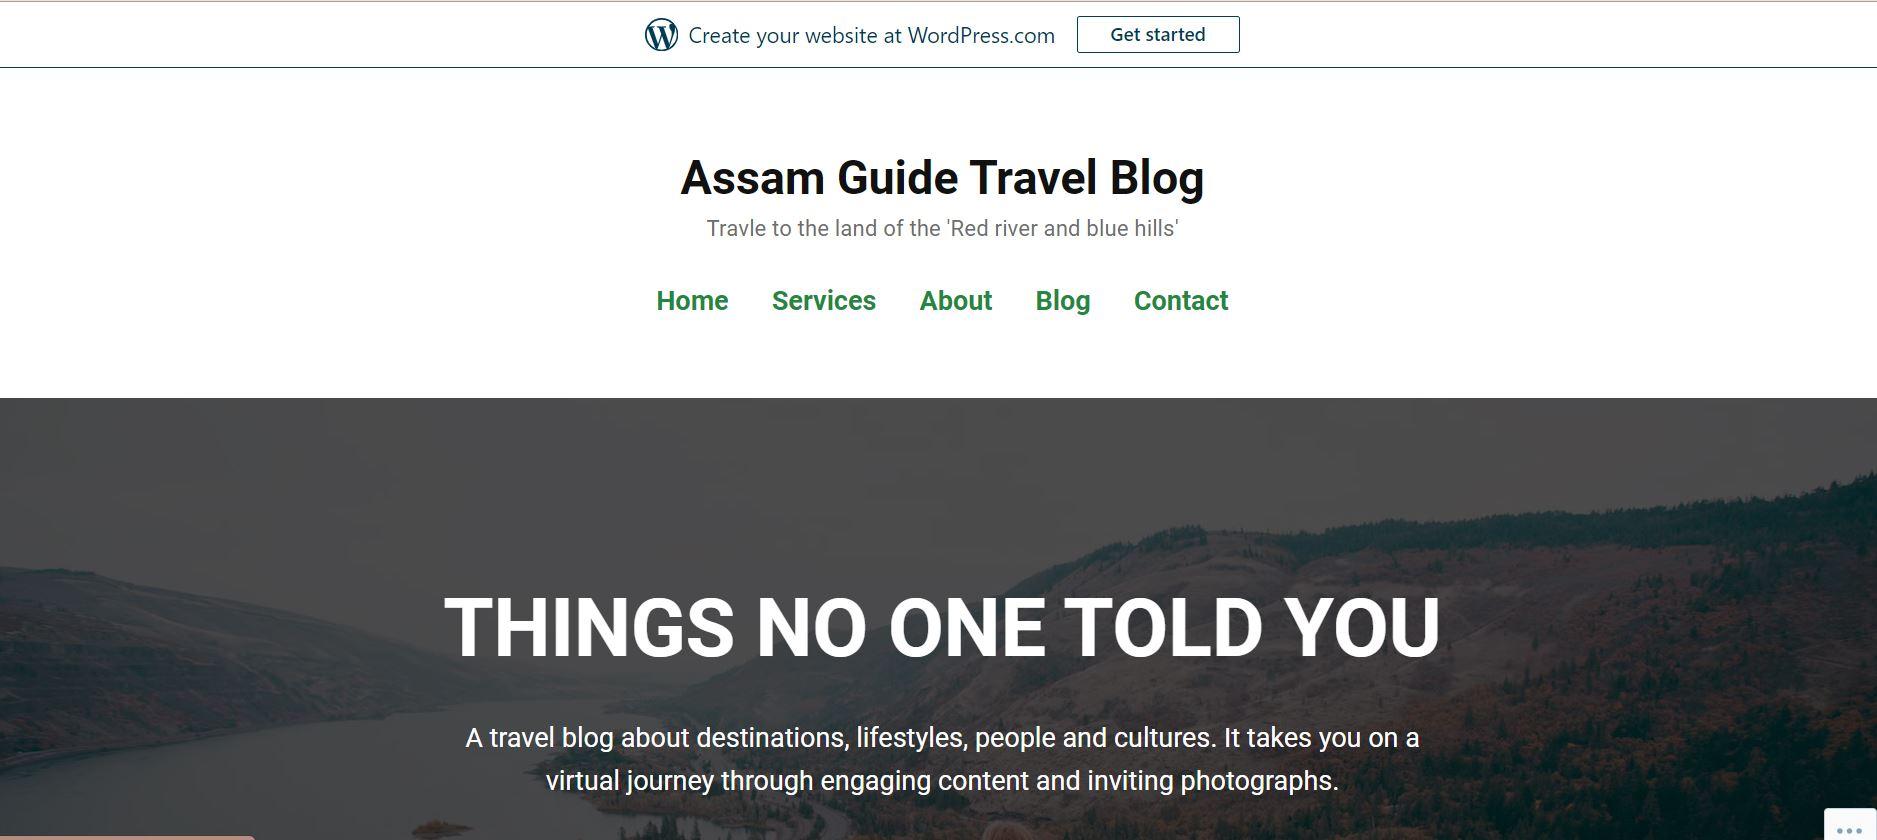 Assam Guide Travel Blog